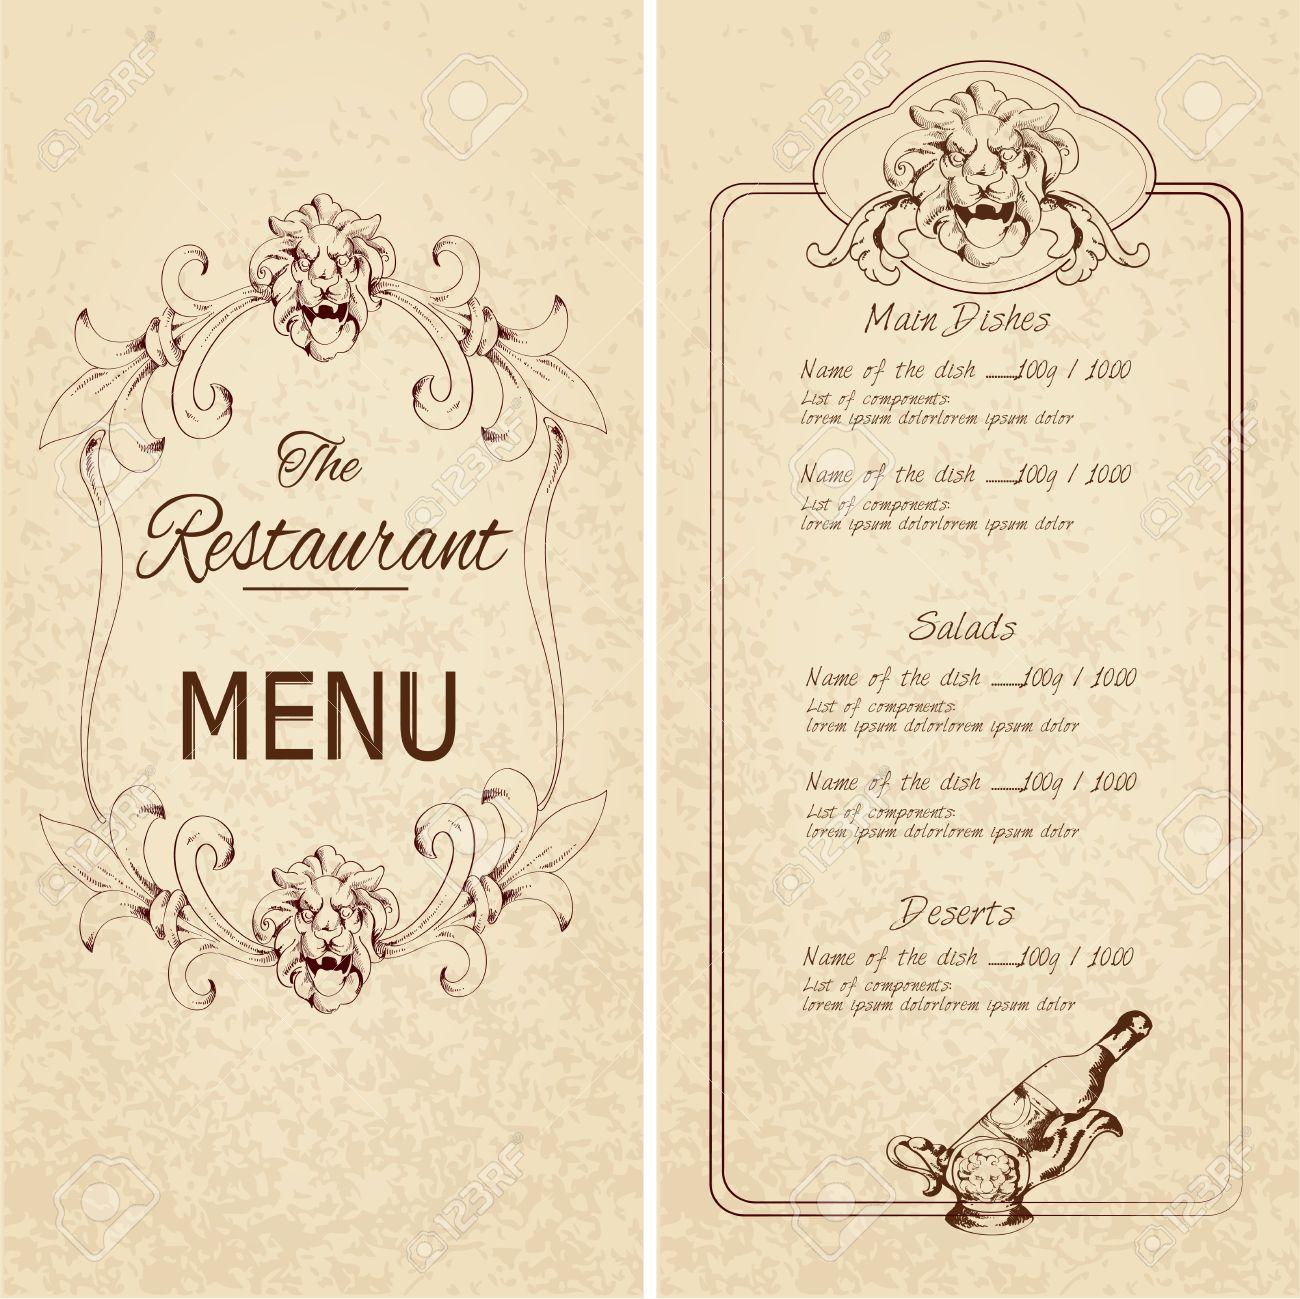 Großzügig Wein Abendessen Menüvorlage Fotos - Entry Level Resume ...